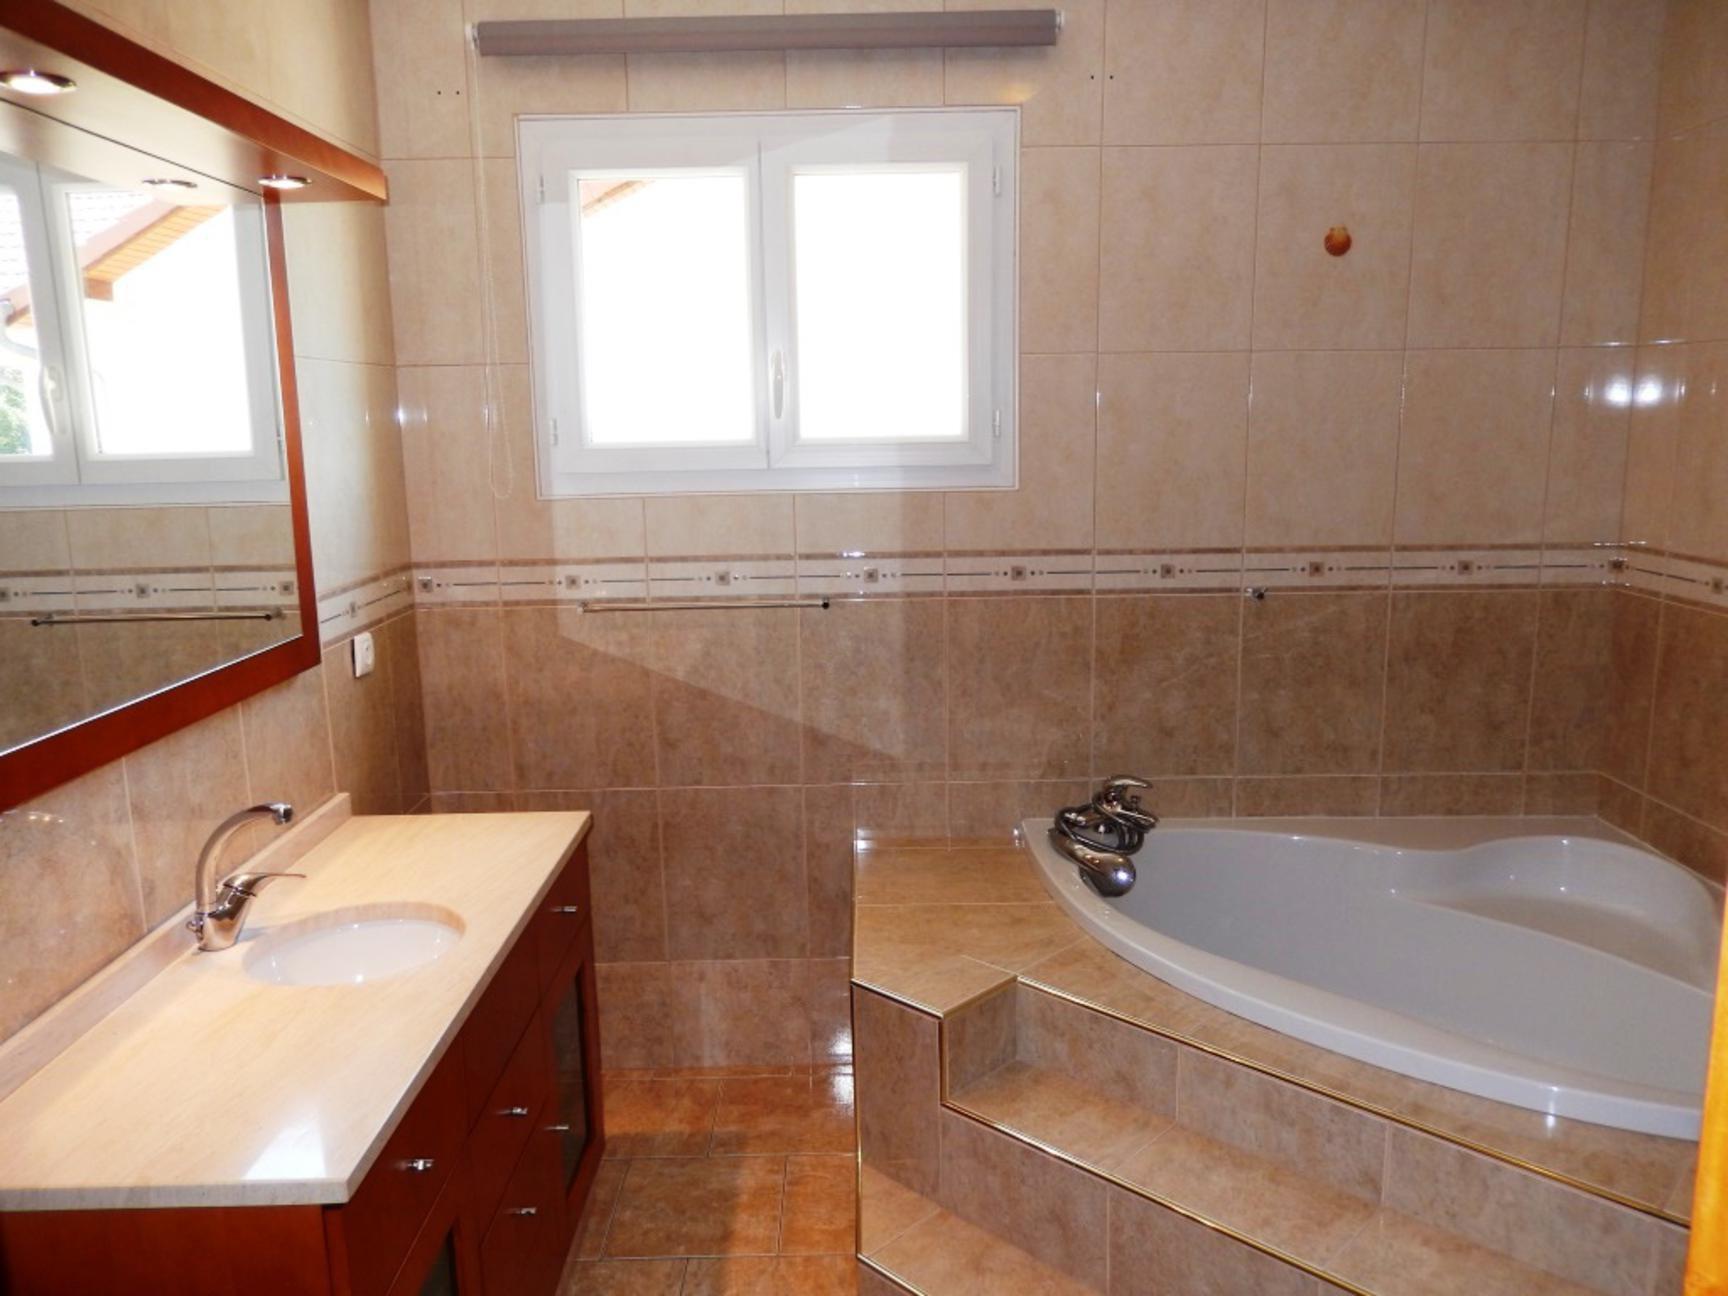 Maison 200 m² utiles La Tour du Pin 2 min A43